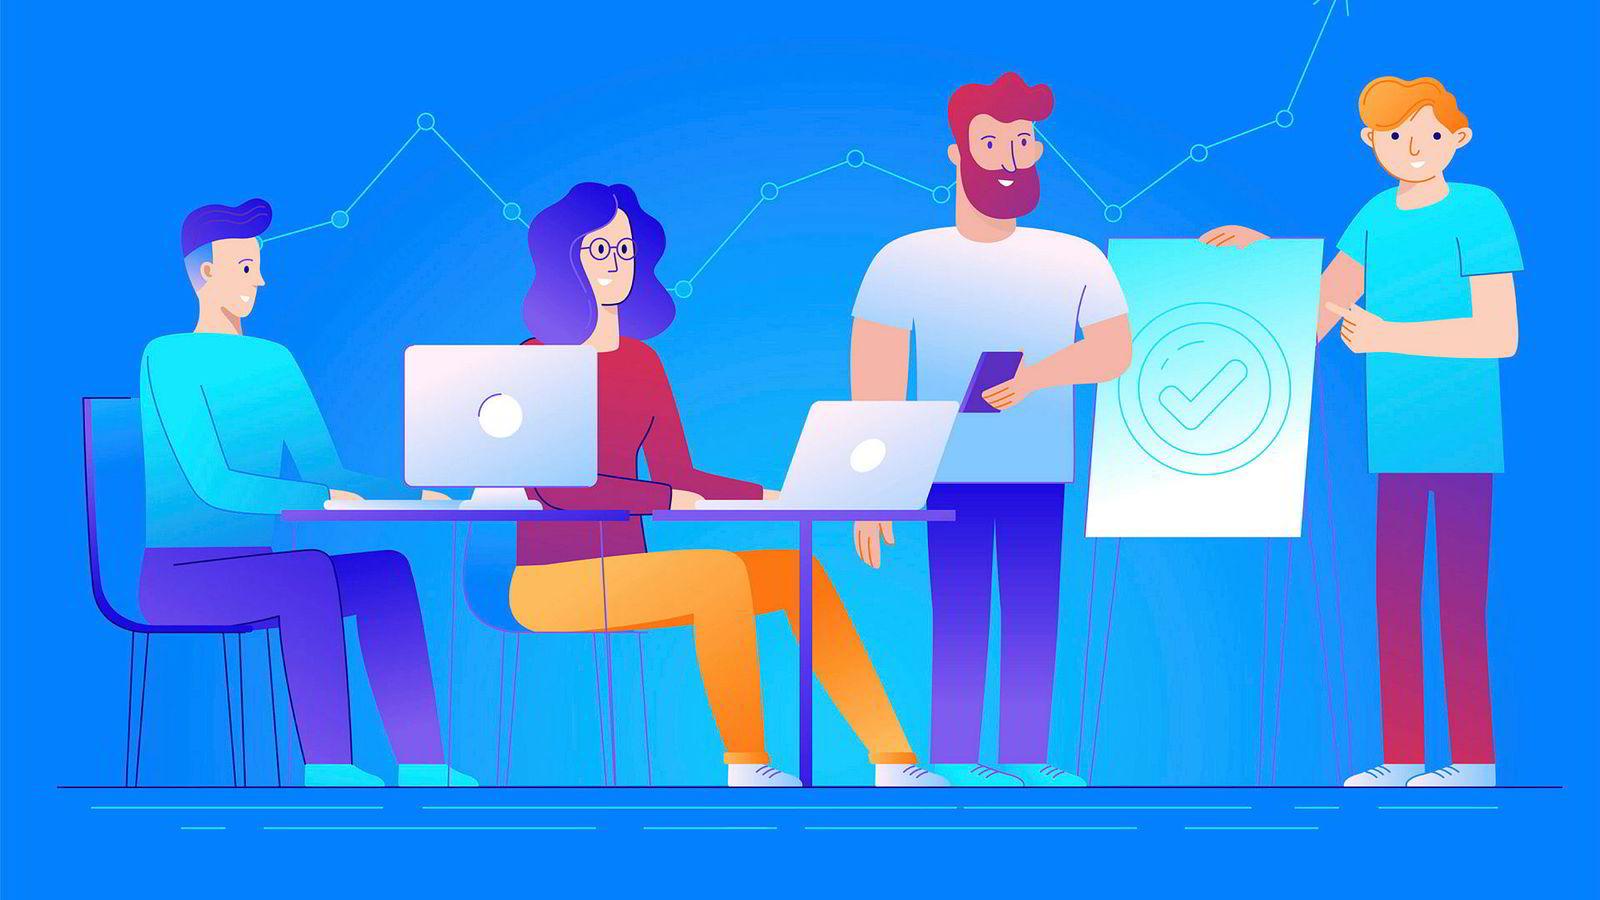 I våre nære nettverk har vi som regel flest som ligner på oss selv. Har du allerede 80 prosent menn blant de ansatte, og ber dem oppfordre noen i sitt nettverk om å søke, er det ikke rart om det er flest menn som blir tipset, skriver artikkelforfatteren.